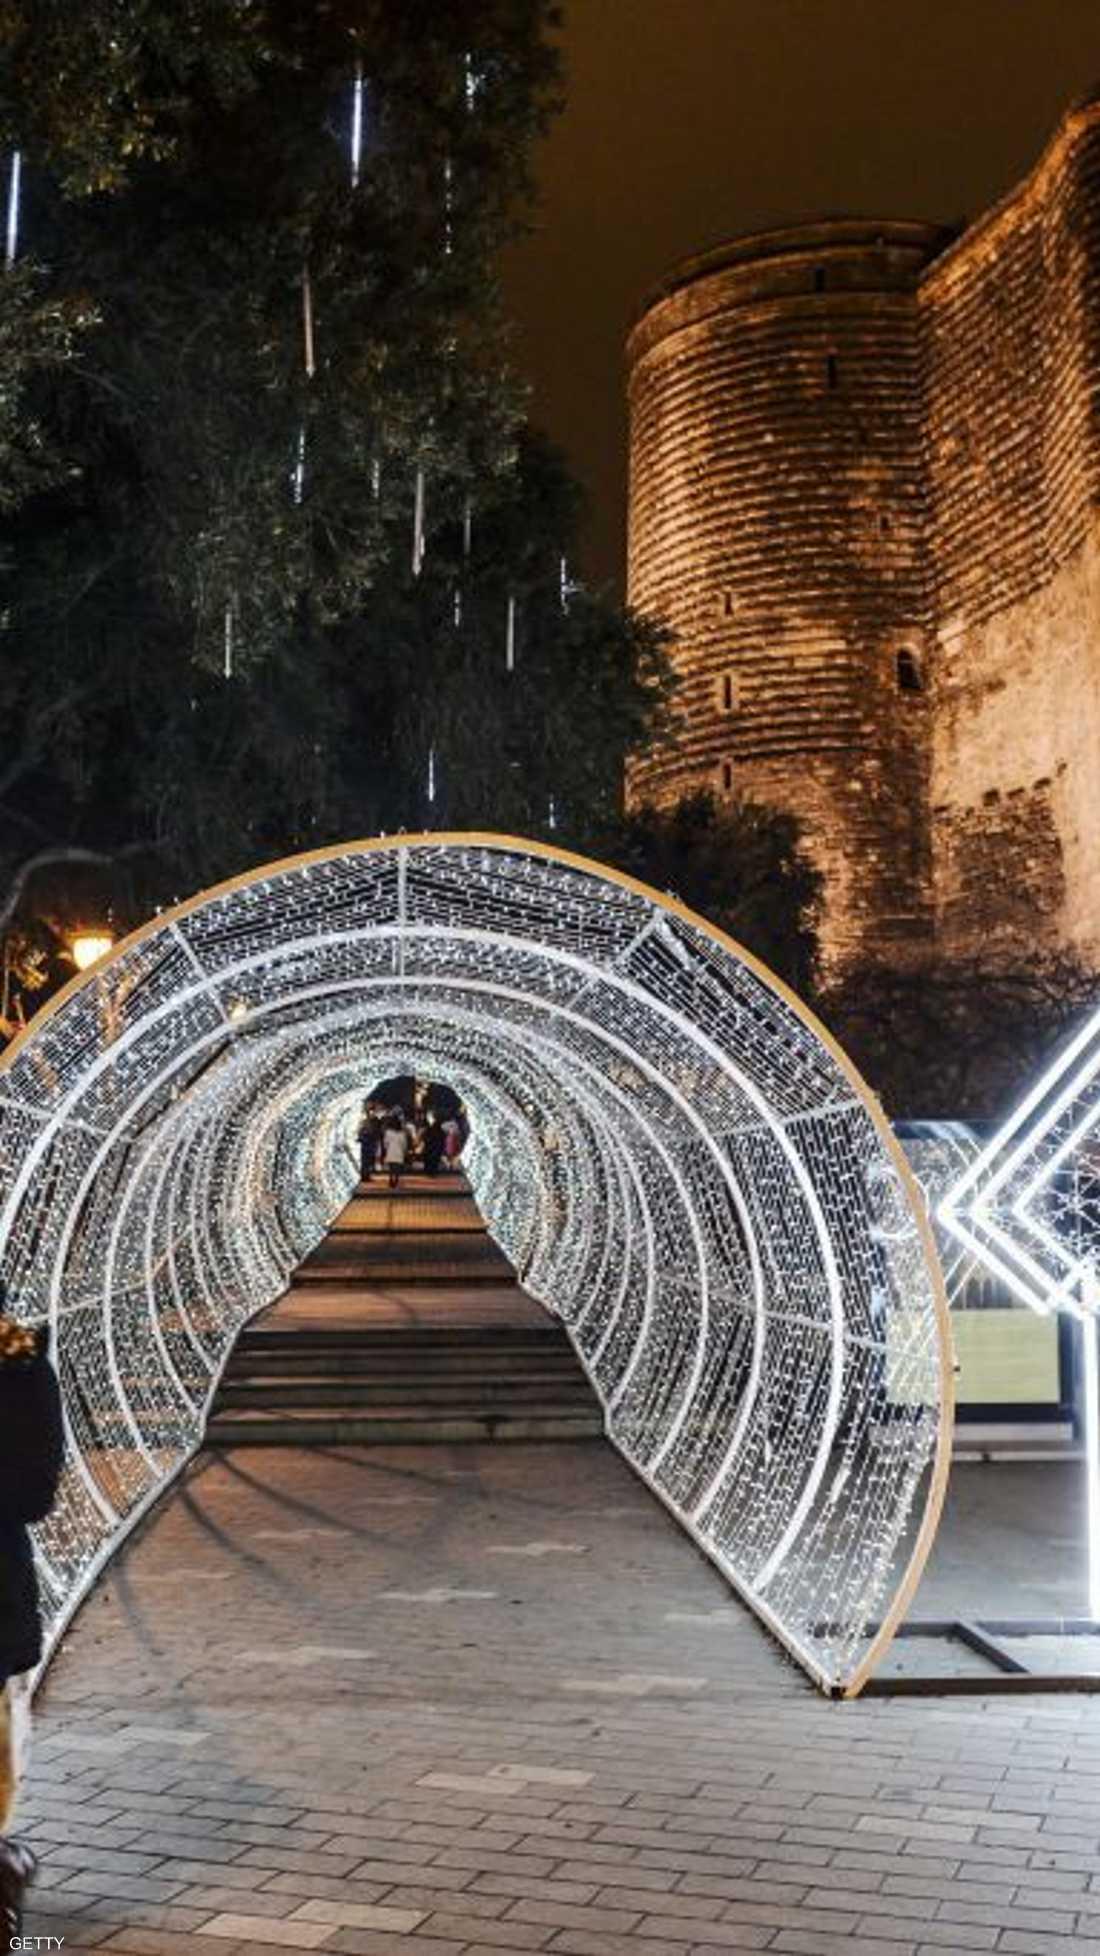 في أذربيجان فرحة بالعيد وأمل بقدوم عام جديد